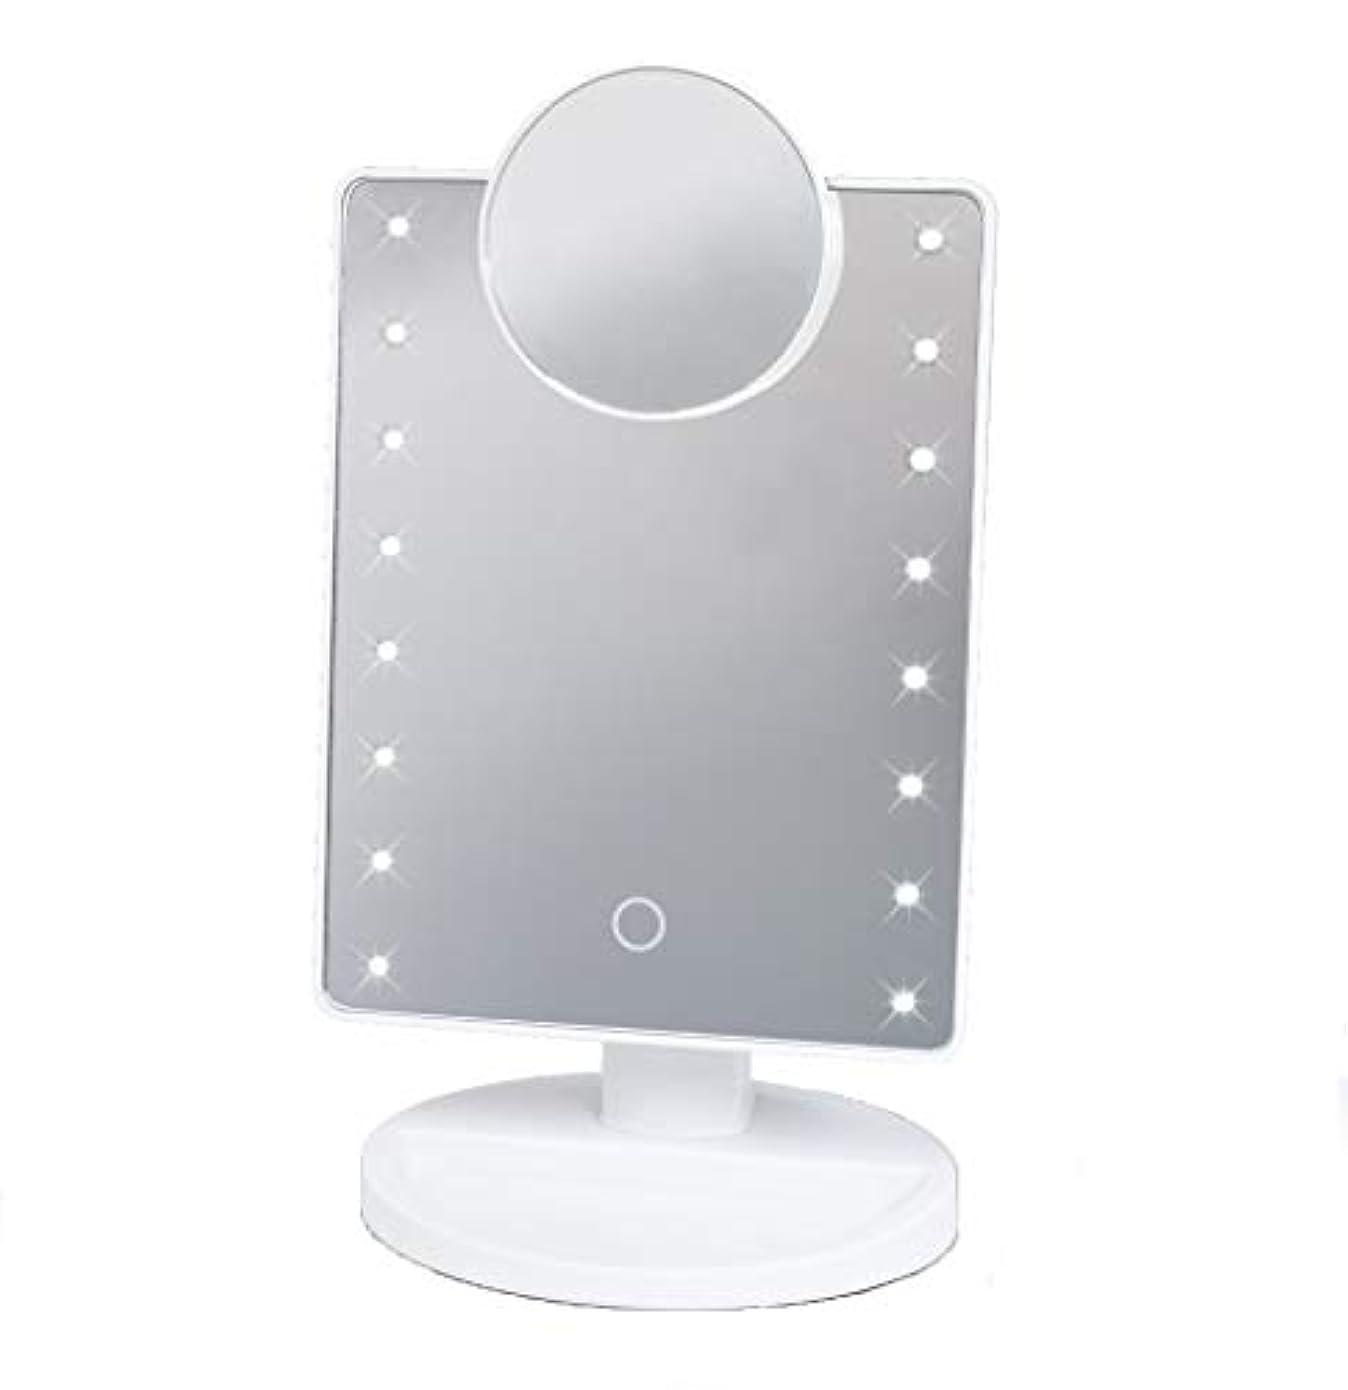 与える先に提案する16LED拡大鏡付き メイクアップミラー HAC2053